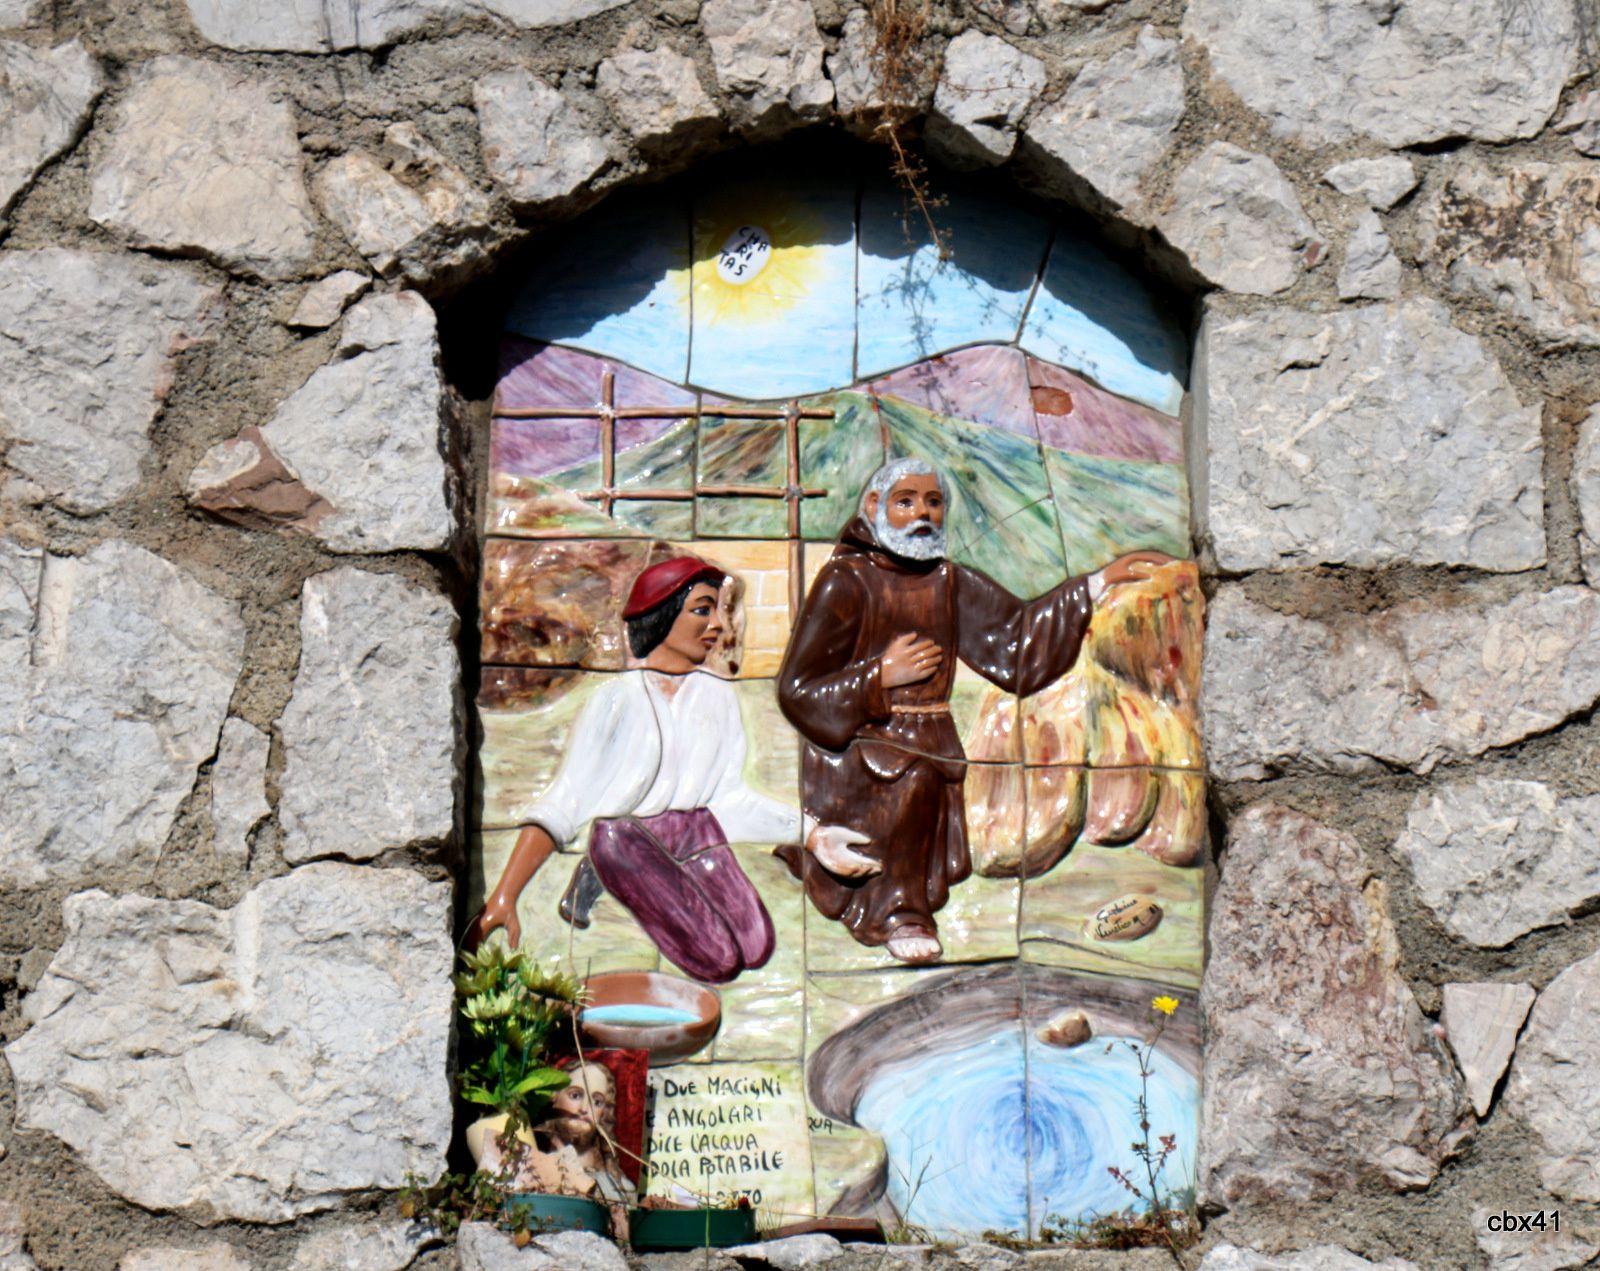 Jaillissement miraculeux d'une source du Cucchiarella, qu'il fait jaillir en frappant avec un bâton une roche, près du couvent de Paule